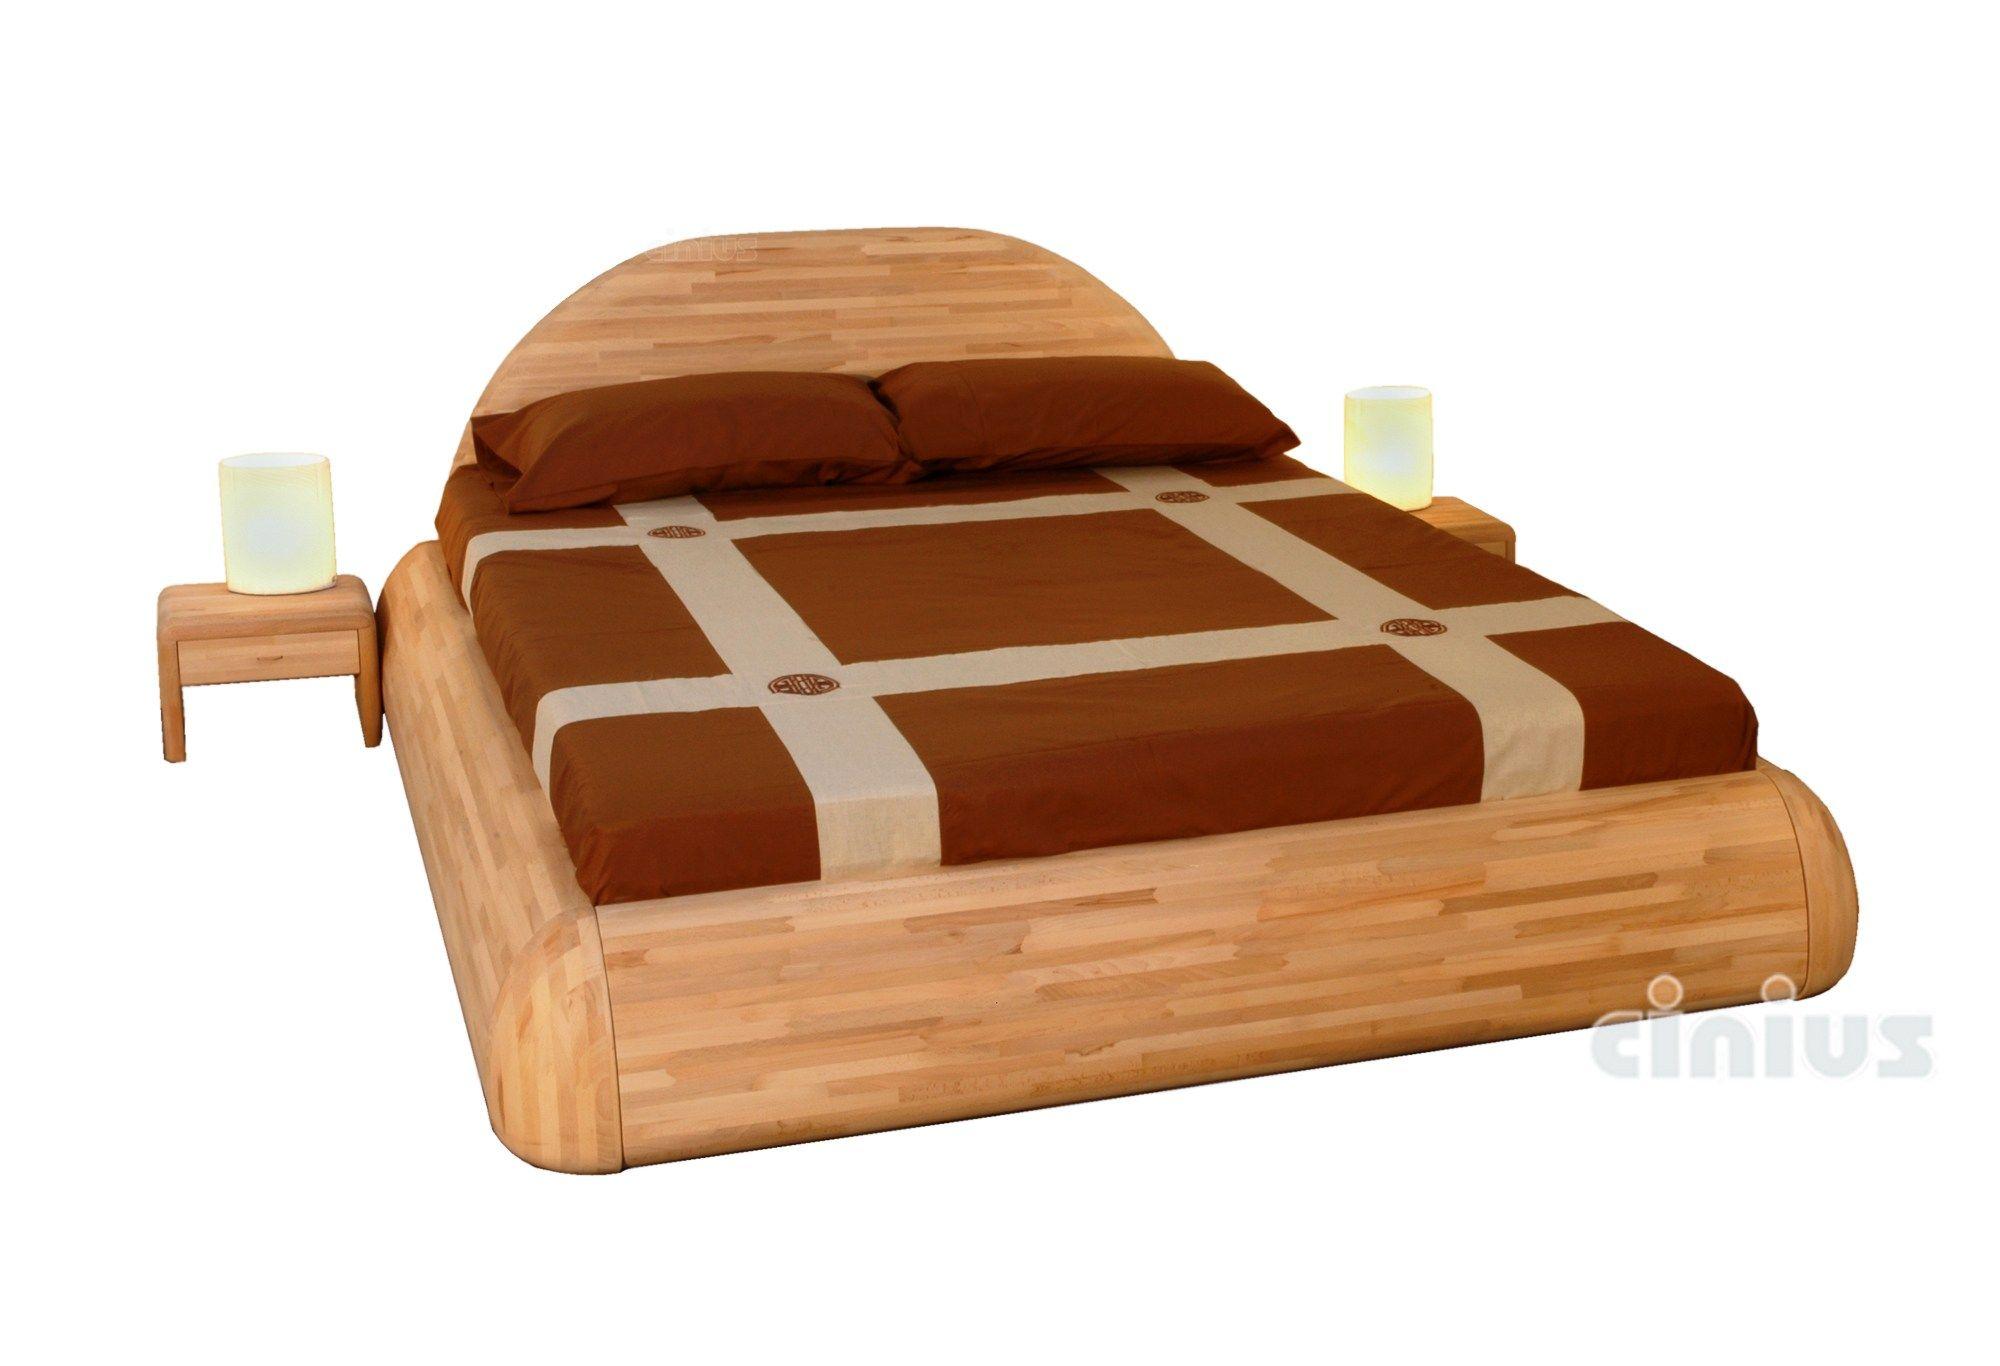 lit double en bois massif. Black Bedroom Furniture Sets. Home Design Ideas